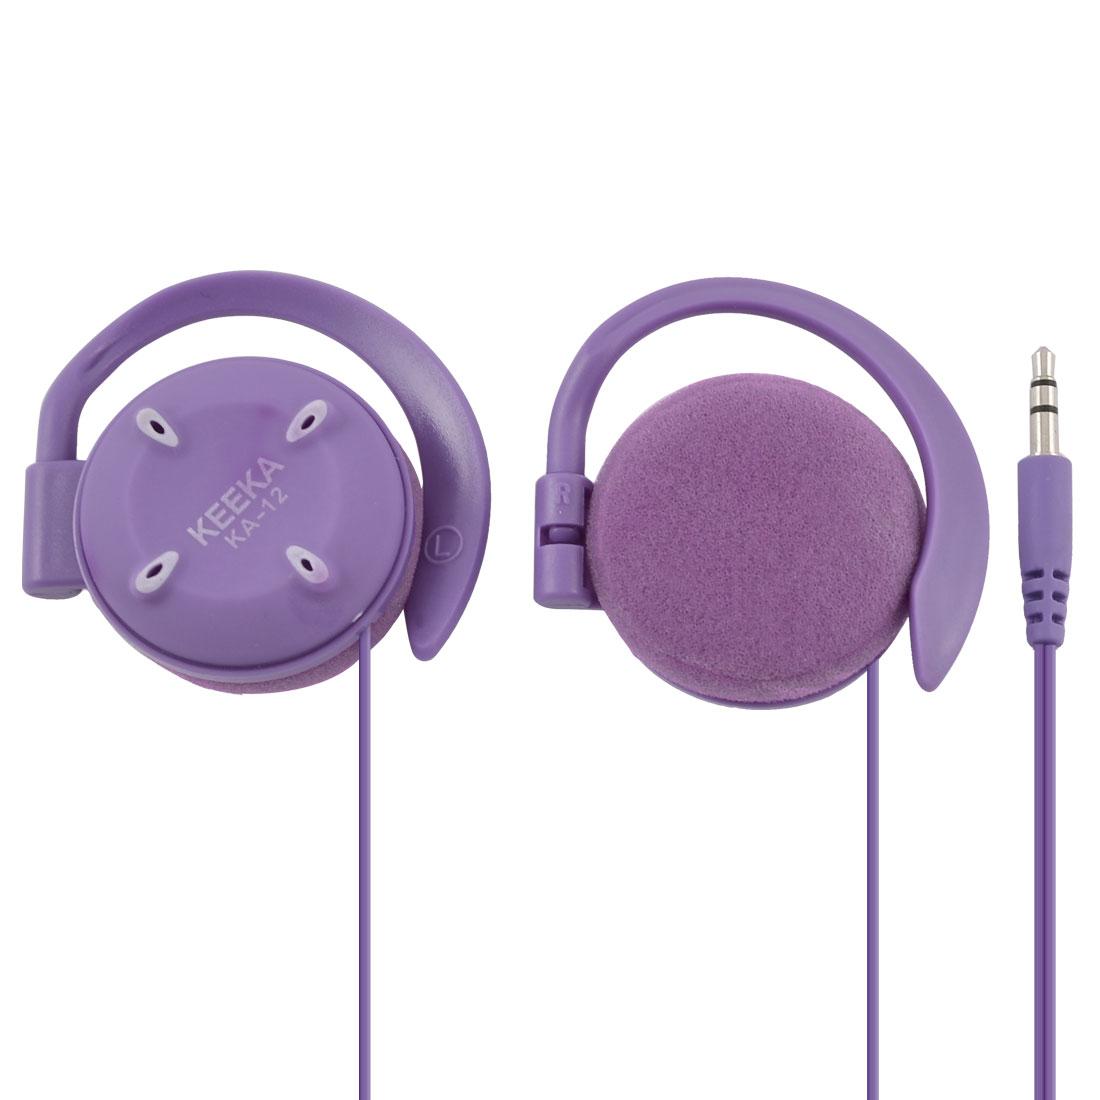 Authorized KEEKA 3.5mm Plug Stereo Bass Ear Hook Headphone Purple